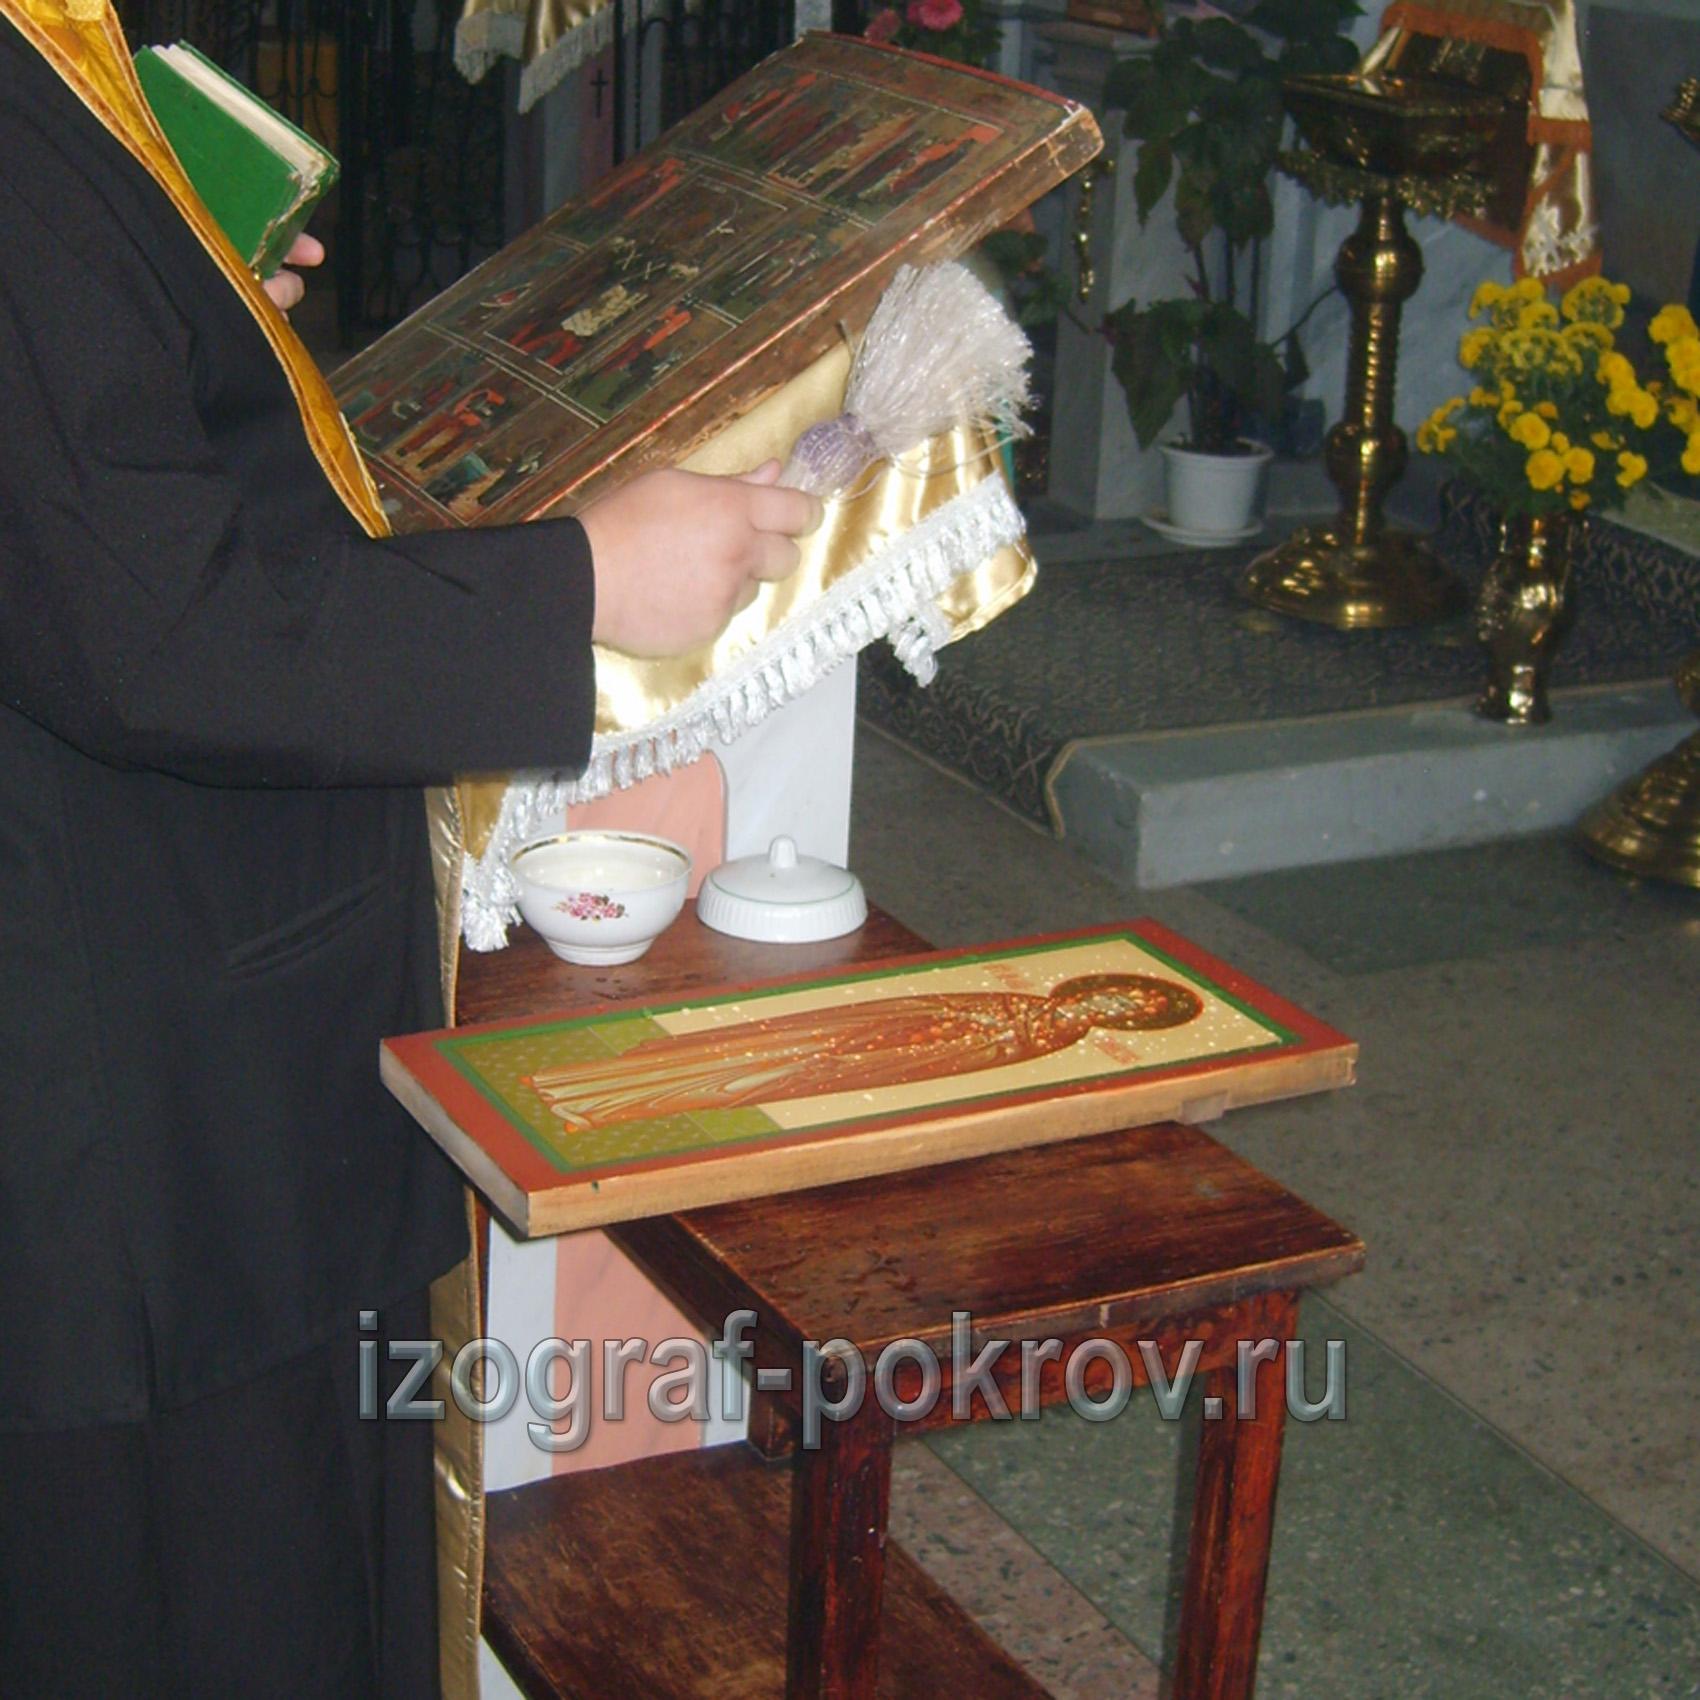 готовую икону св. Мелании Римляныни освятили в храме Покрова Пресвятой Богородицы